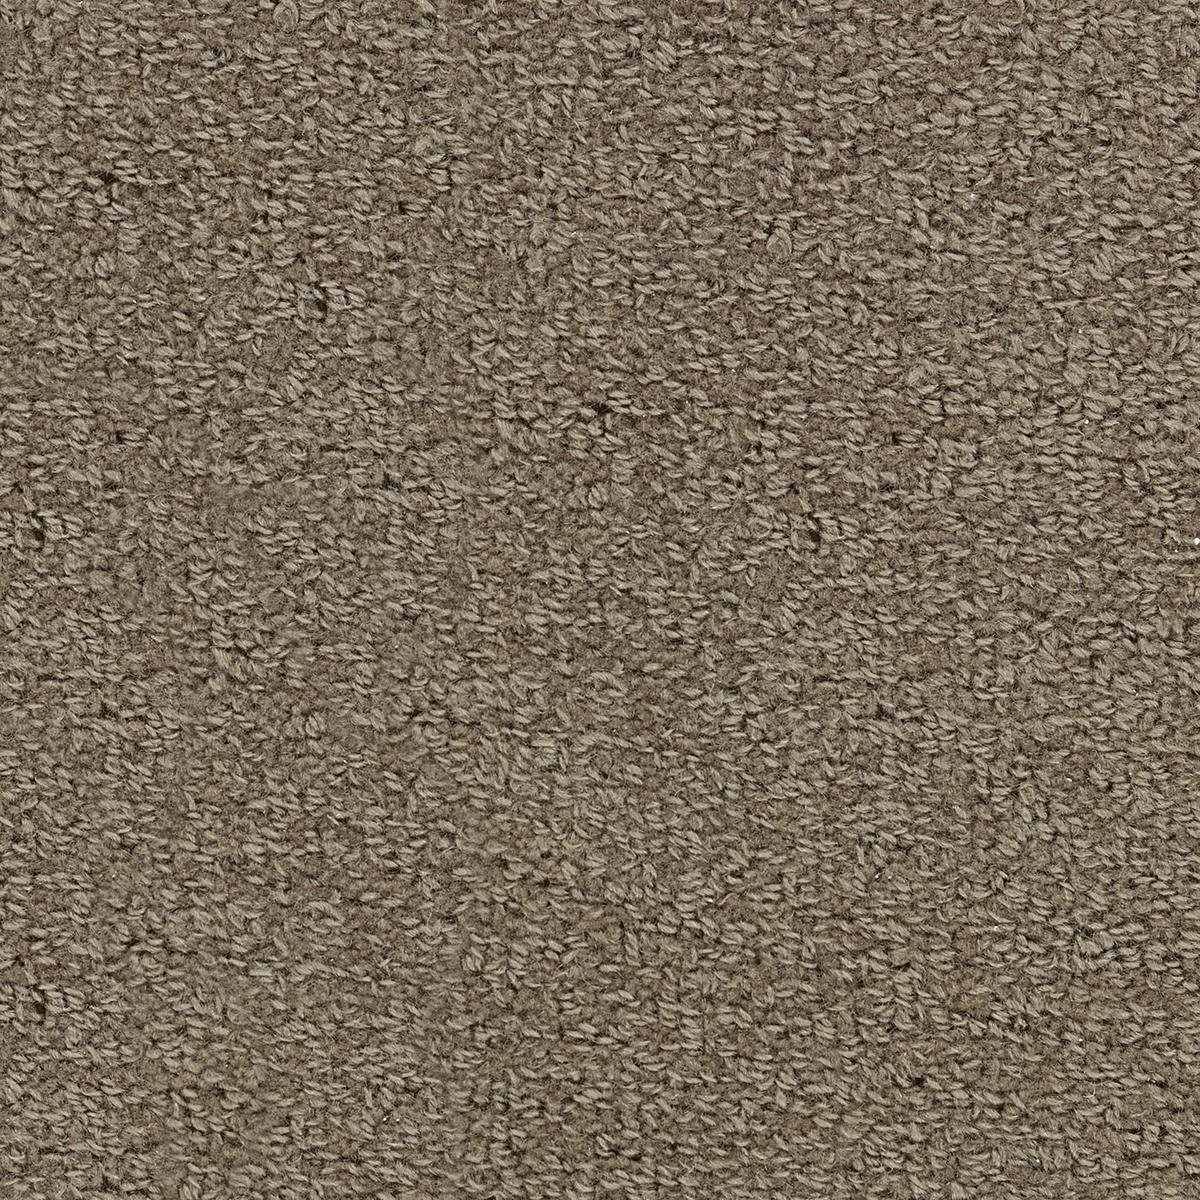 Suede J Mish Mills Wool Carpet Rugs